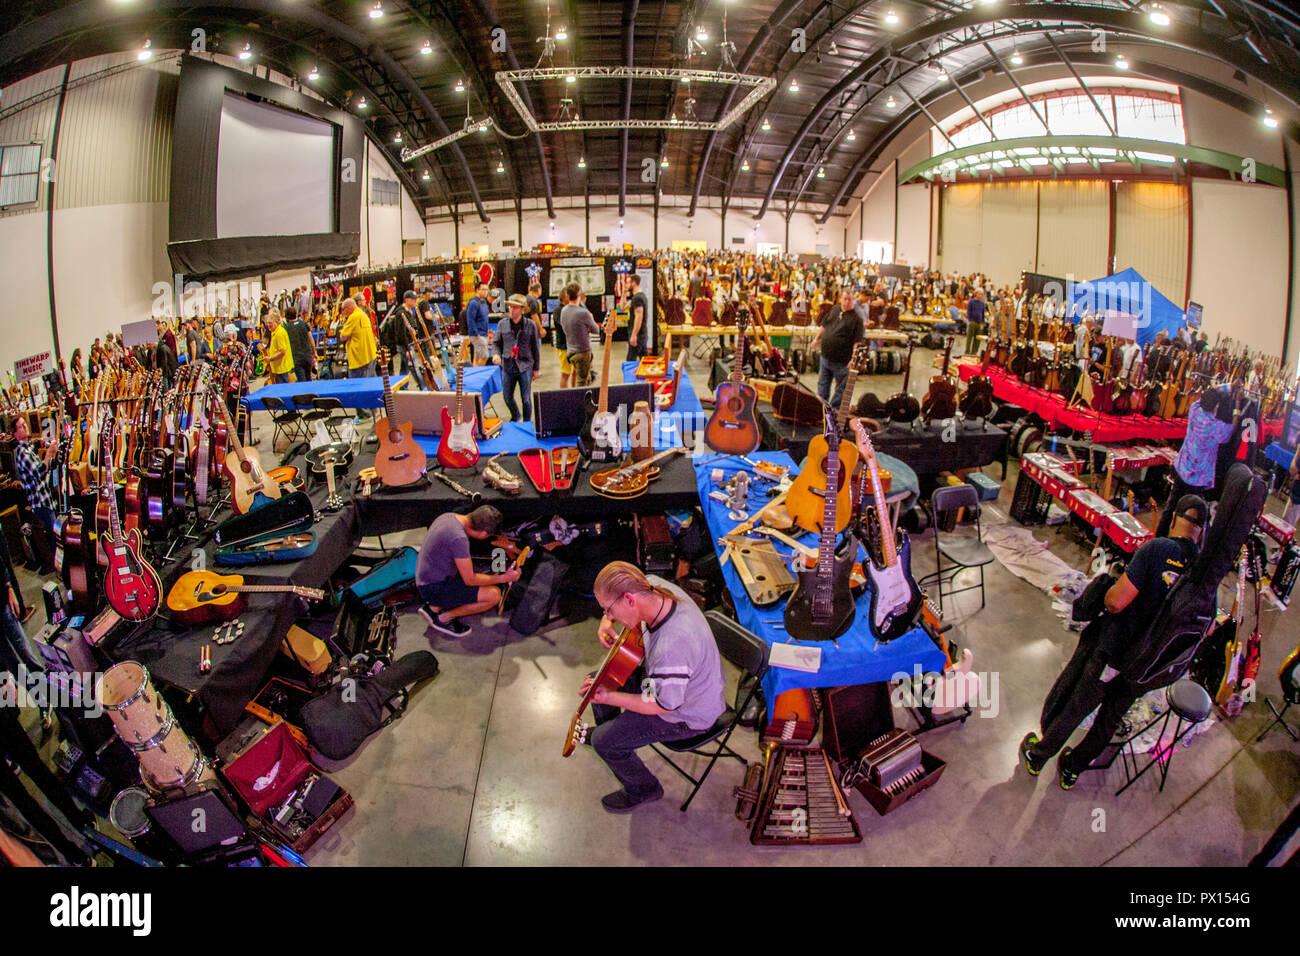 Hunderte von Musikern versammeln sich eine Gitarre in einem umgebauten Hangar in Costa Mesa, CA, ihre Musik zu spielen und zu kaufen und zu verkaufen. Stockbild